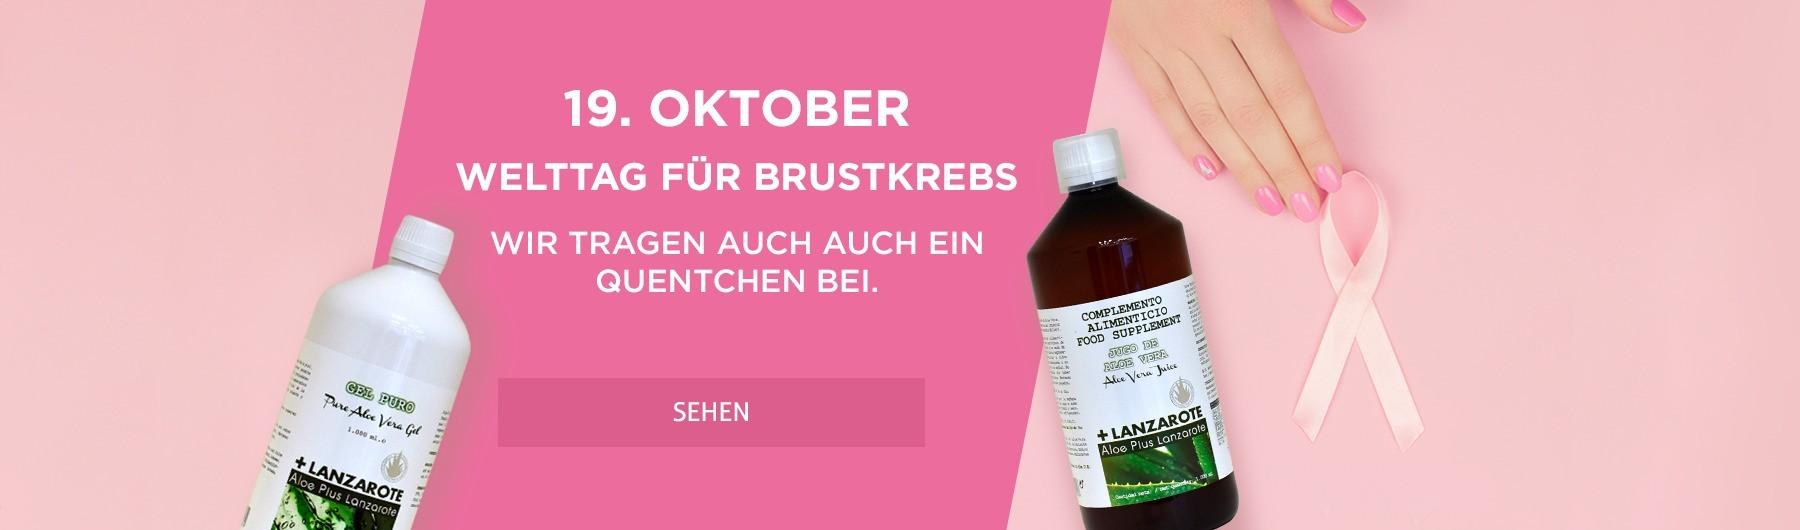 19. Oktober – Welttag für Brustkrebs